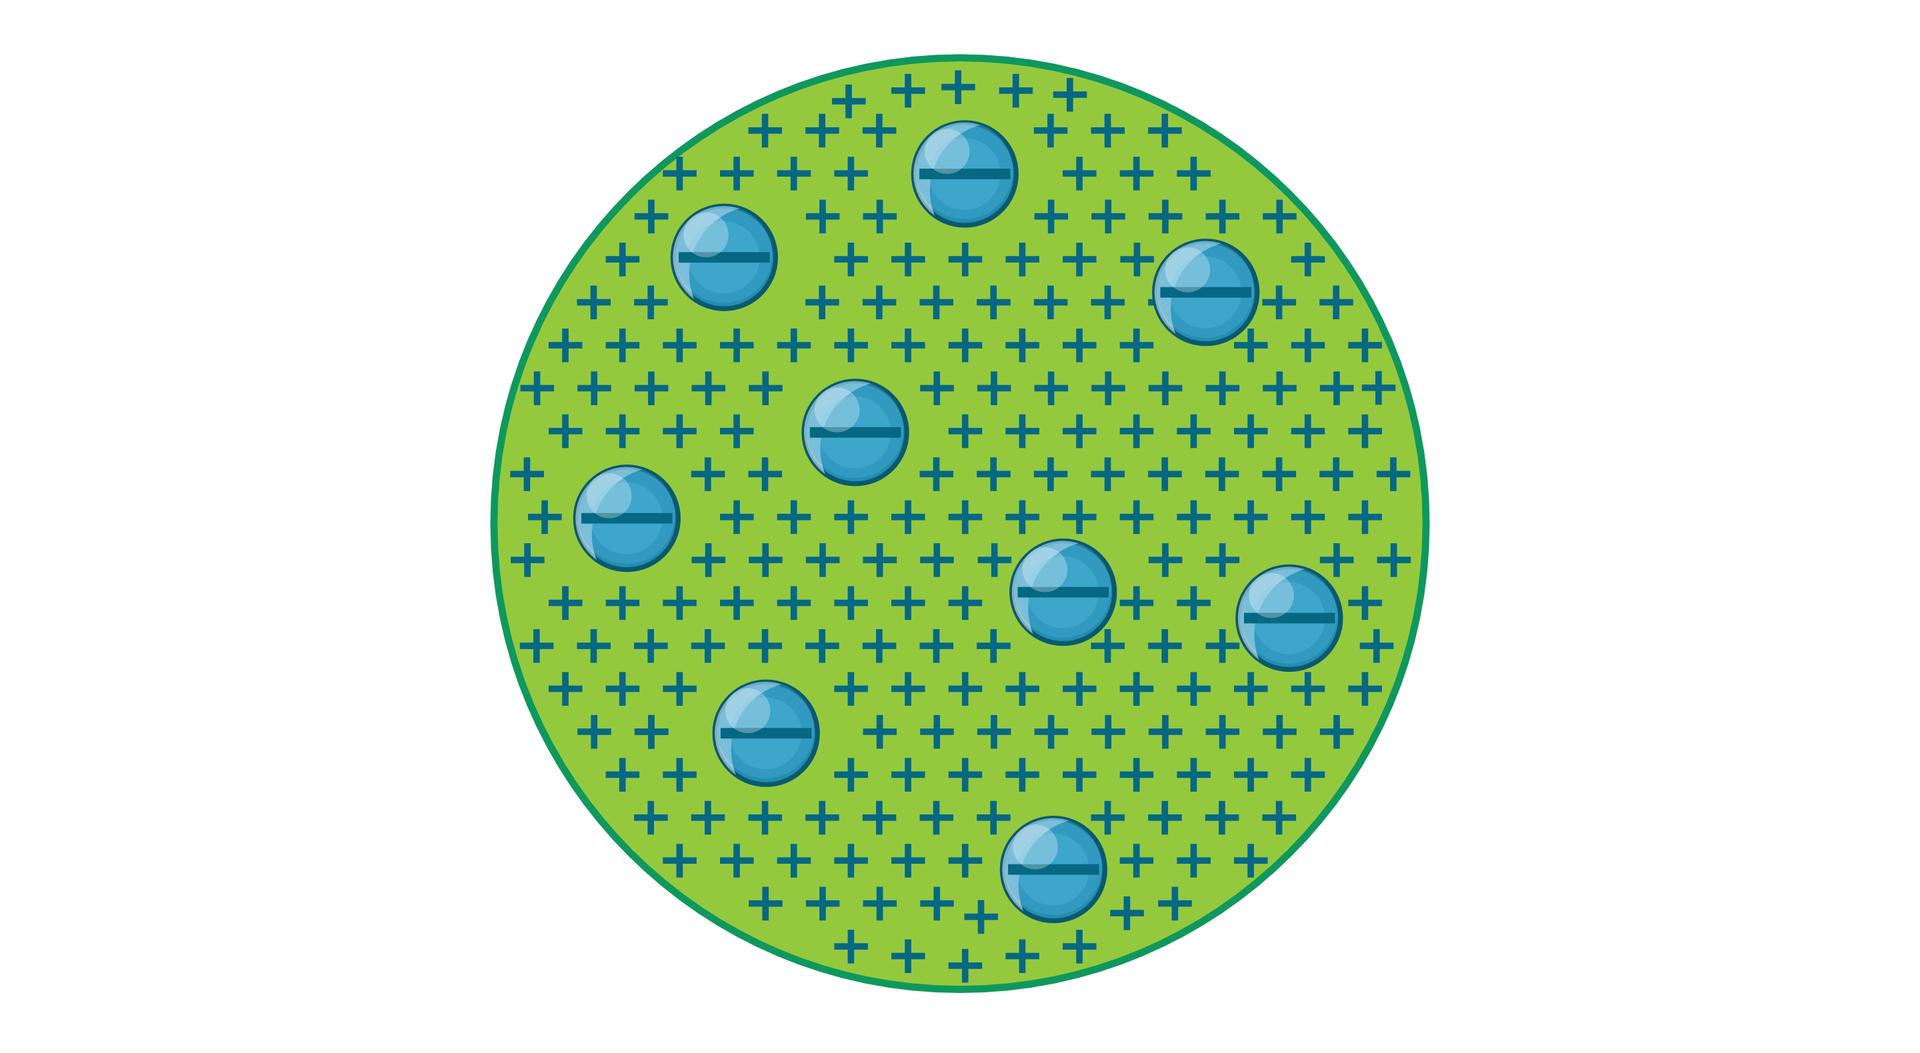 Ilustracja przedstawia duże koło. To atom. Powierzchnia koła zielona. Na powierzchni znajduje się dziewięć mniejszych niebieskich kół. Wewnątrz kół poziome znaki minus. Niebieskie koła nie stykają się ze sobą. Koła rozmieszczona są równomiernie na powierzchni atomu. Cała zielone powierzchnia koła pokryta jest jednakowymi niebieskimi znakami plus.